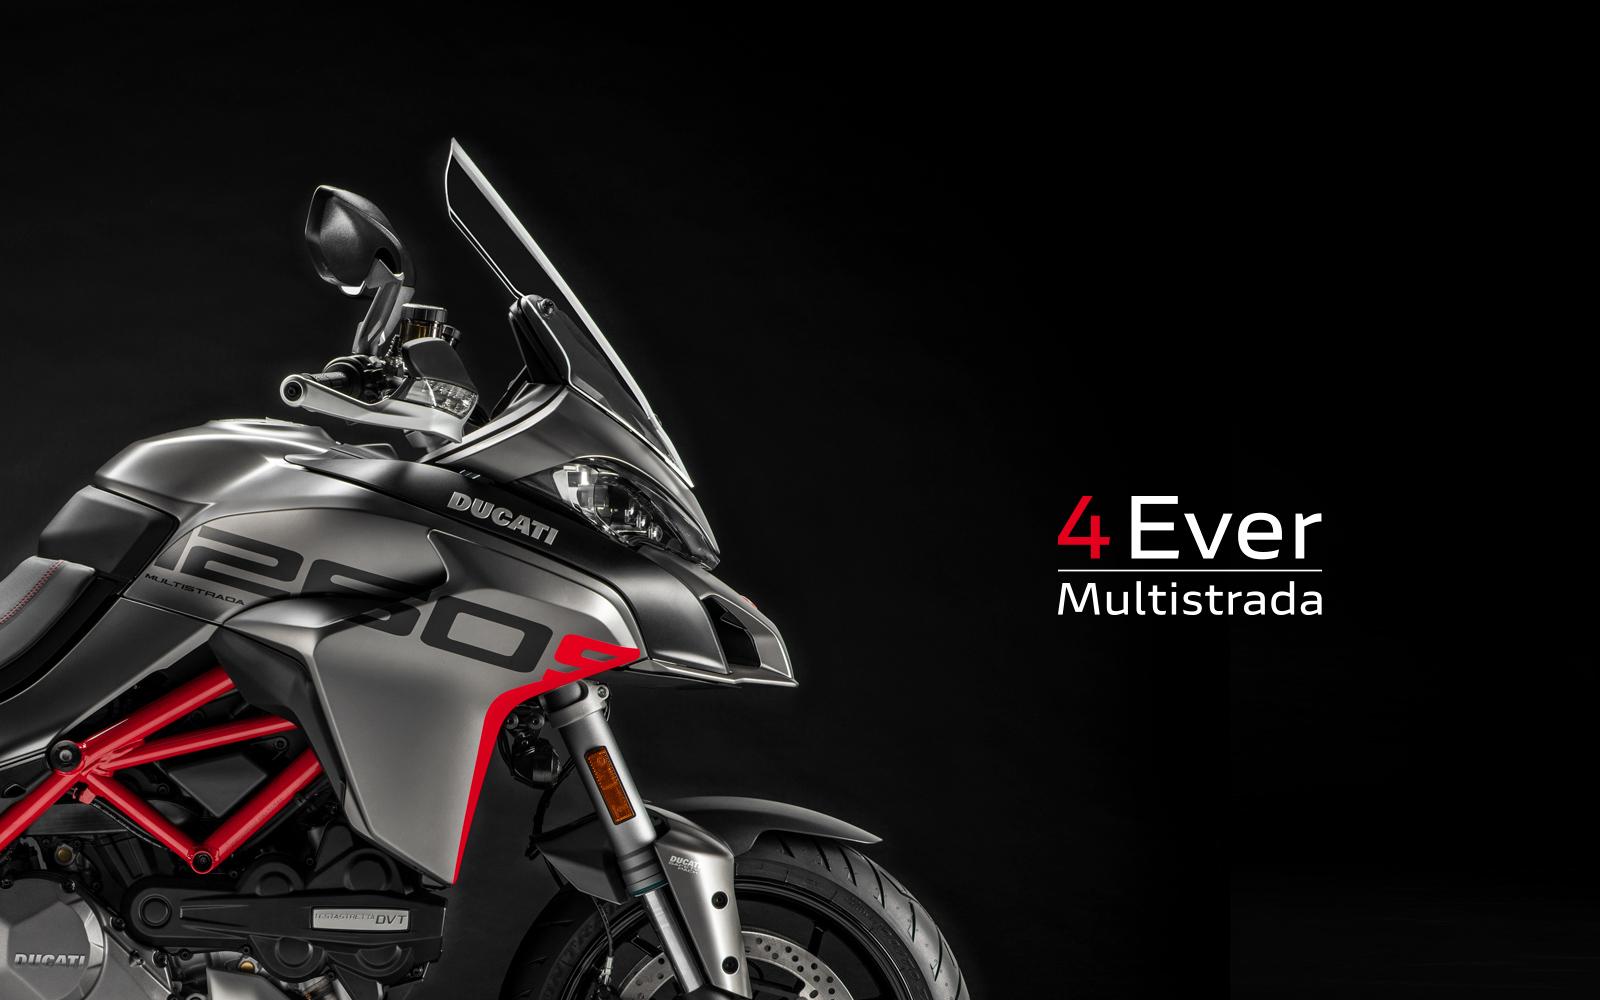 Ducati presenta la garanzia di 4 anni per tutti i modelli Multistrada 950 e 1260 della gamma 2020.